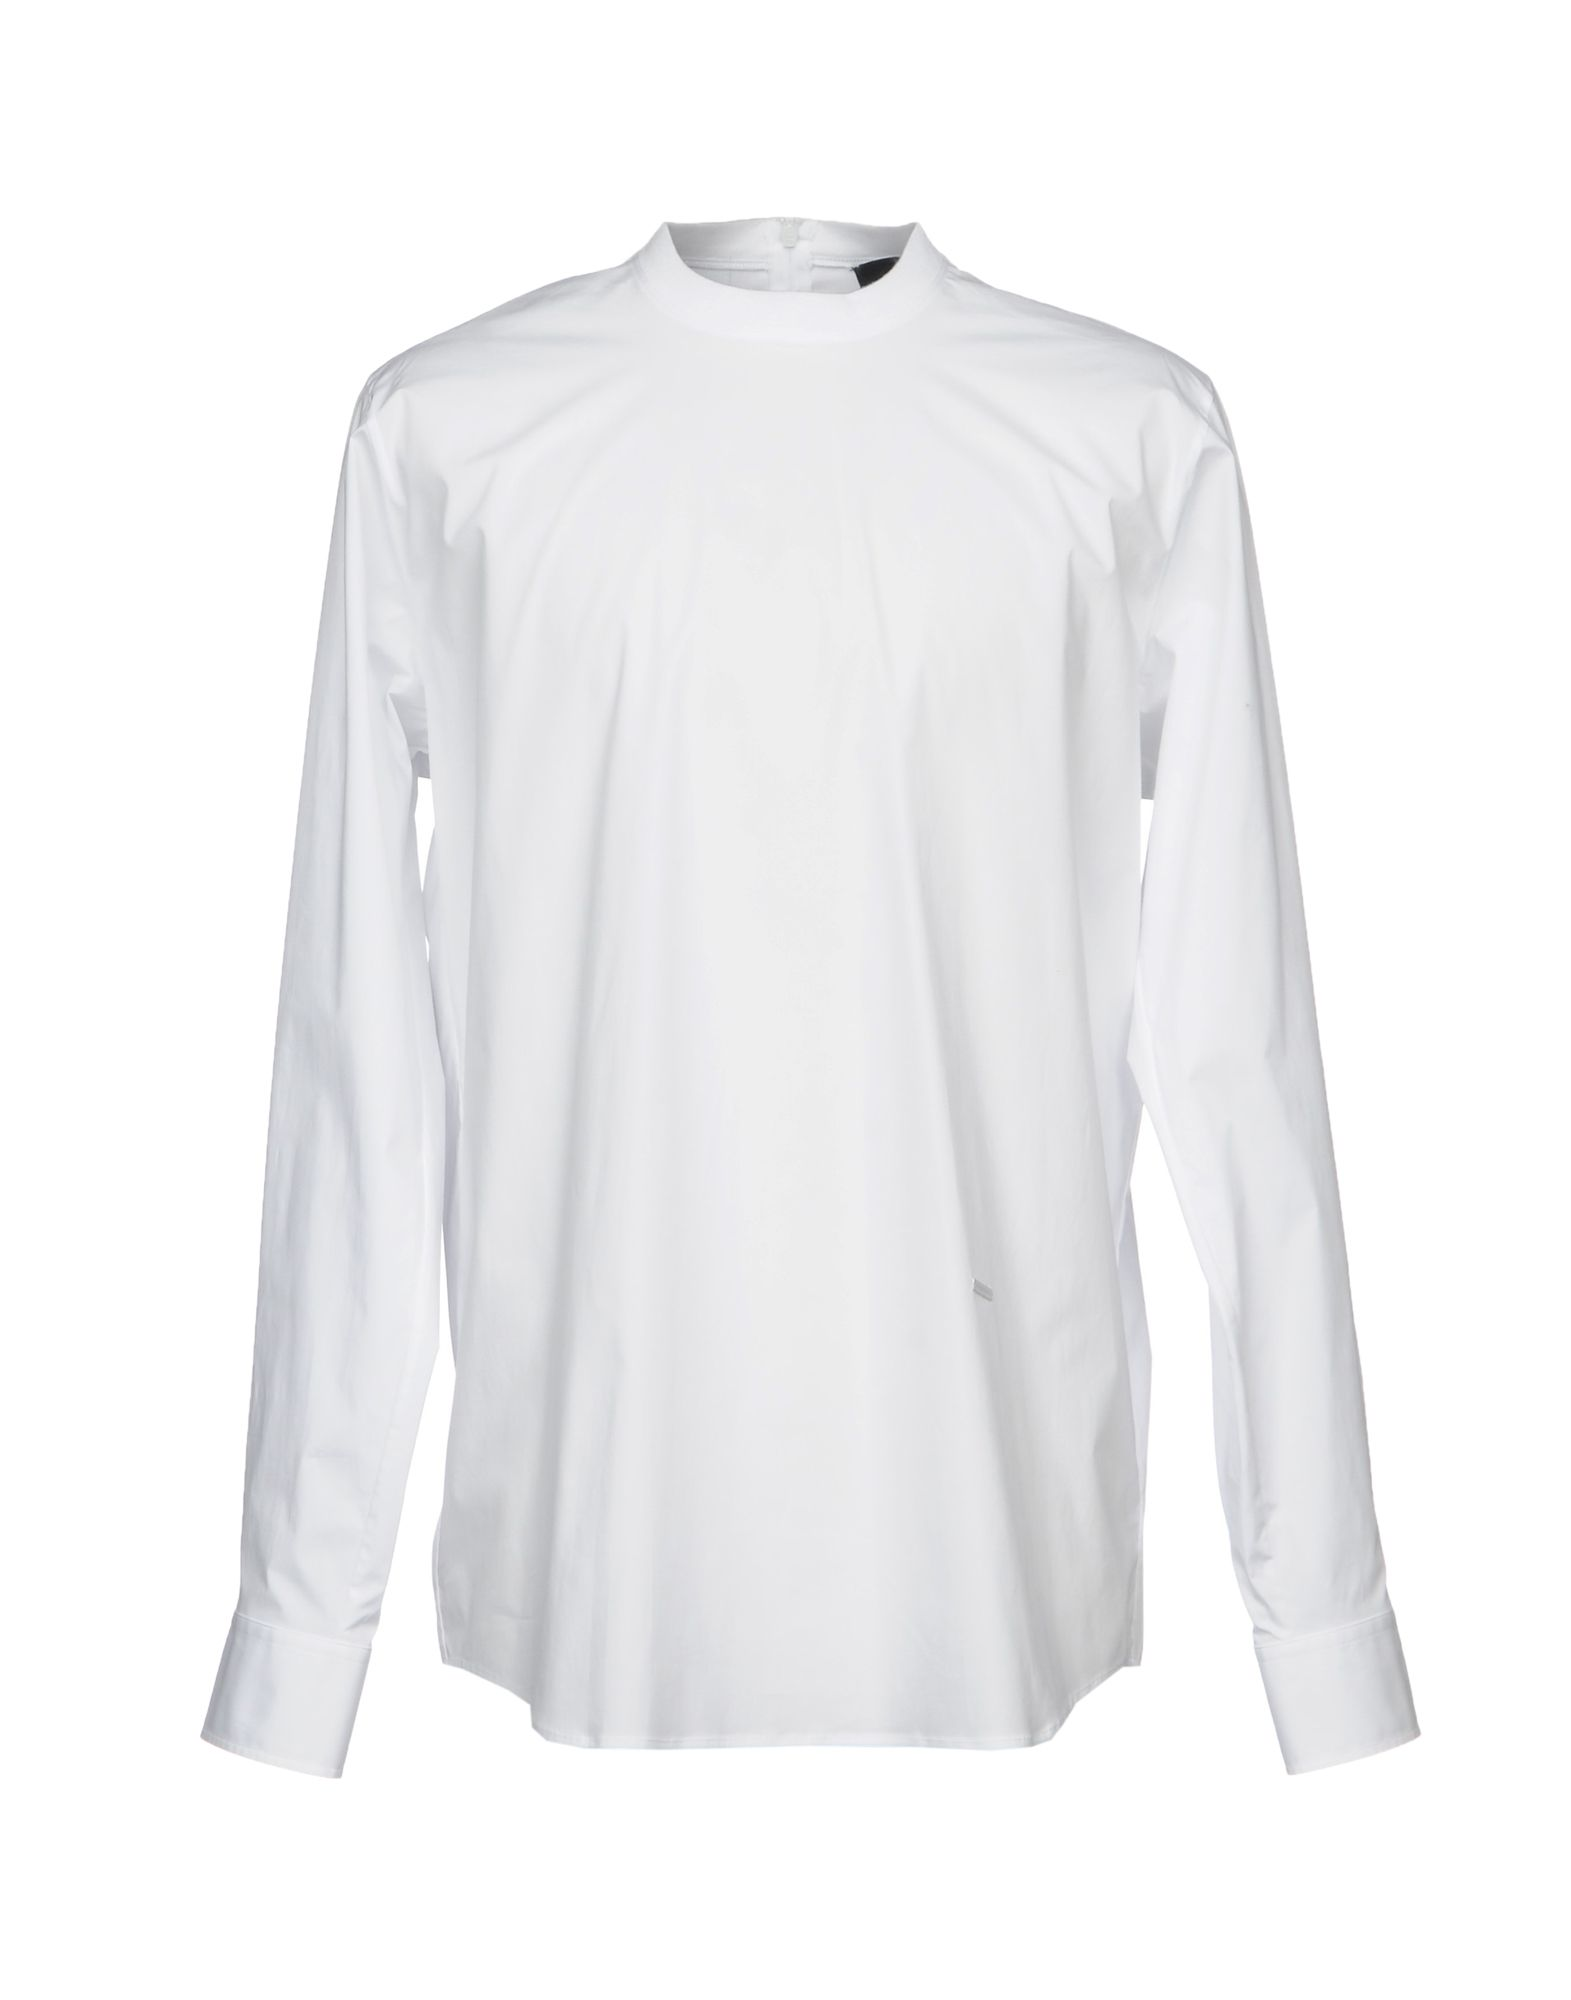 DSQUARED2 Herren Hemd Farbe Weiß Größe 4 - broschei